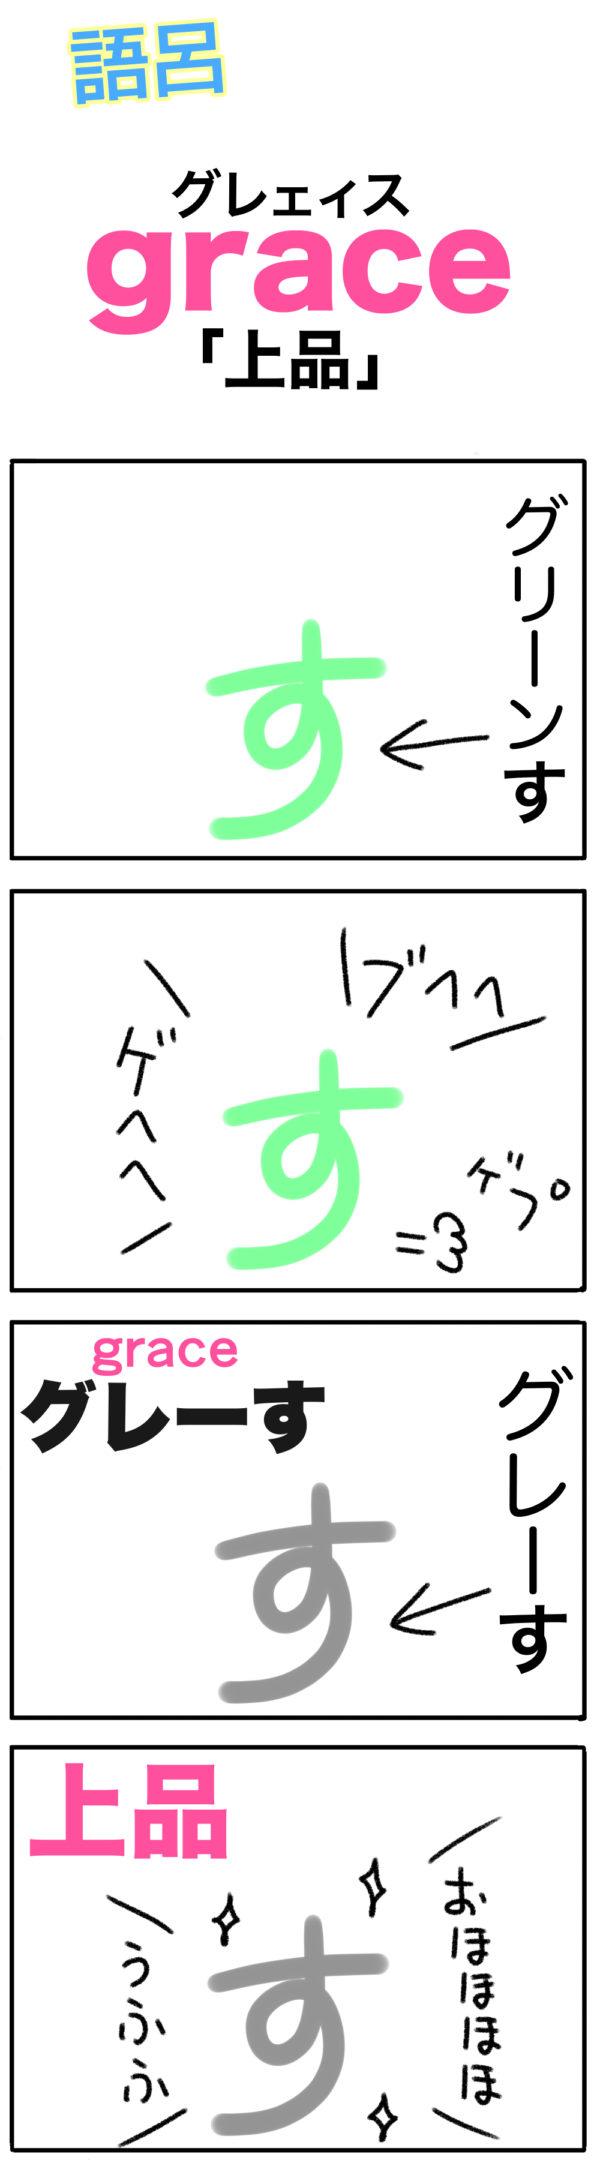 graceの覚え方(語呂合わせ)